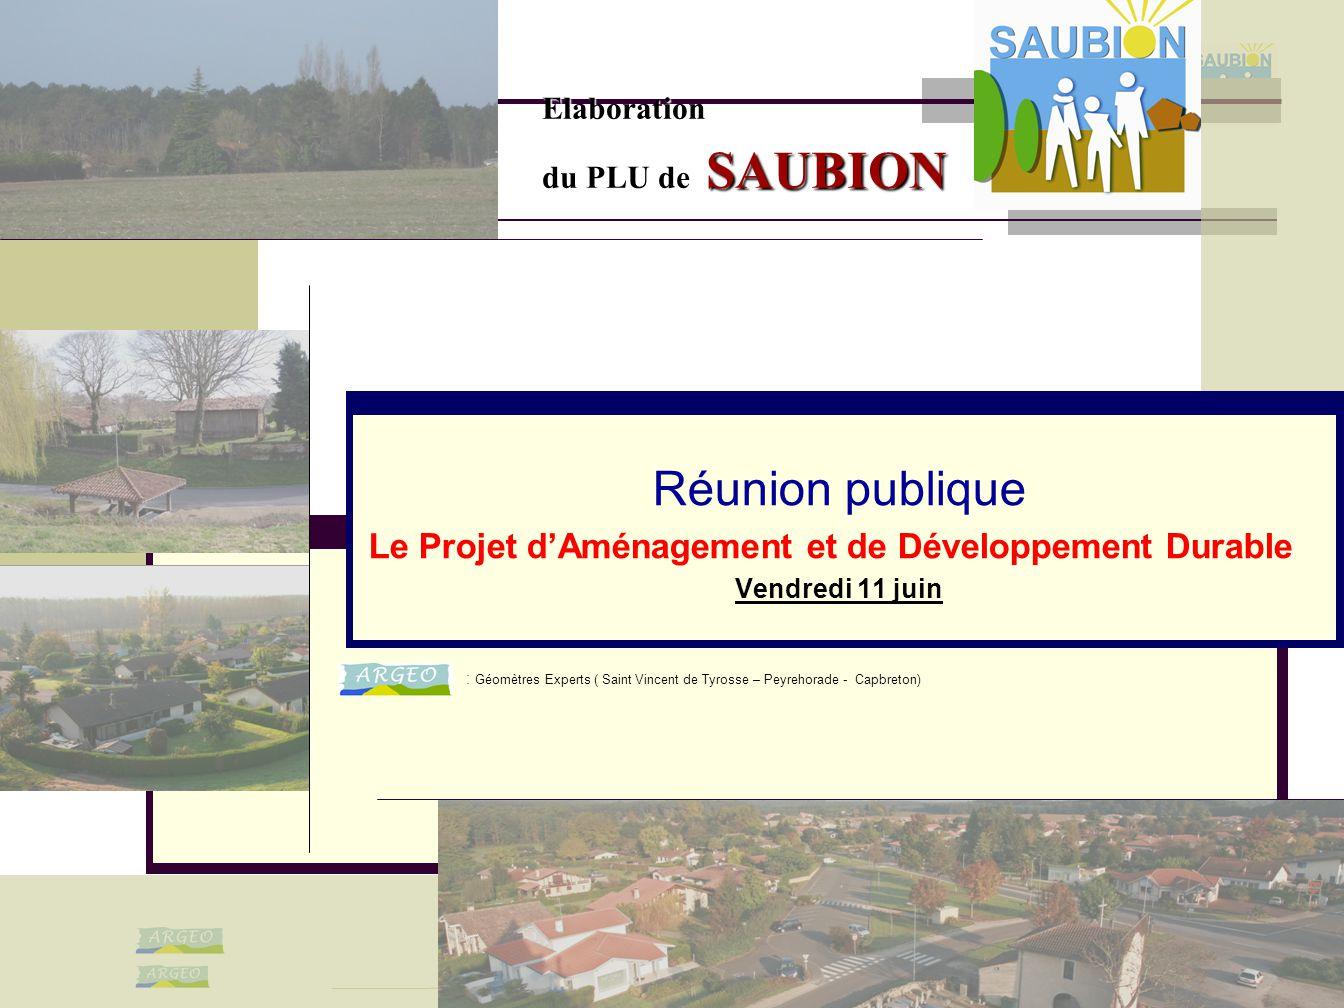 11/06/2010 Réunion publique Le Projet d'Aménagement et de Développement Durable Vendredi 11 juin Elaboration du PLU de SAUBION : Géomètres Experts ( S